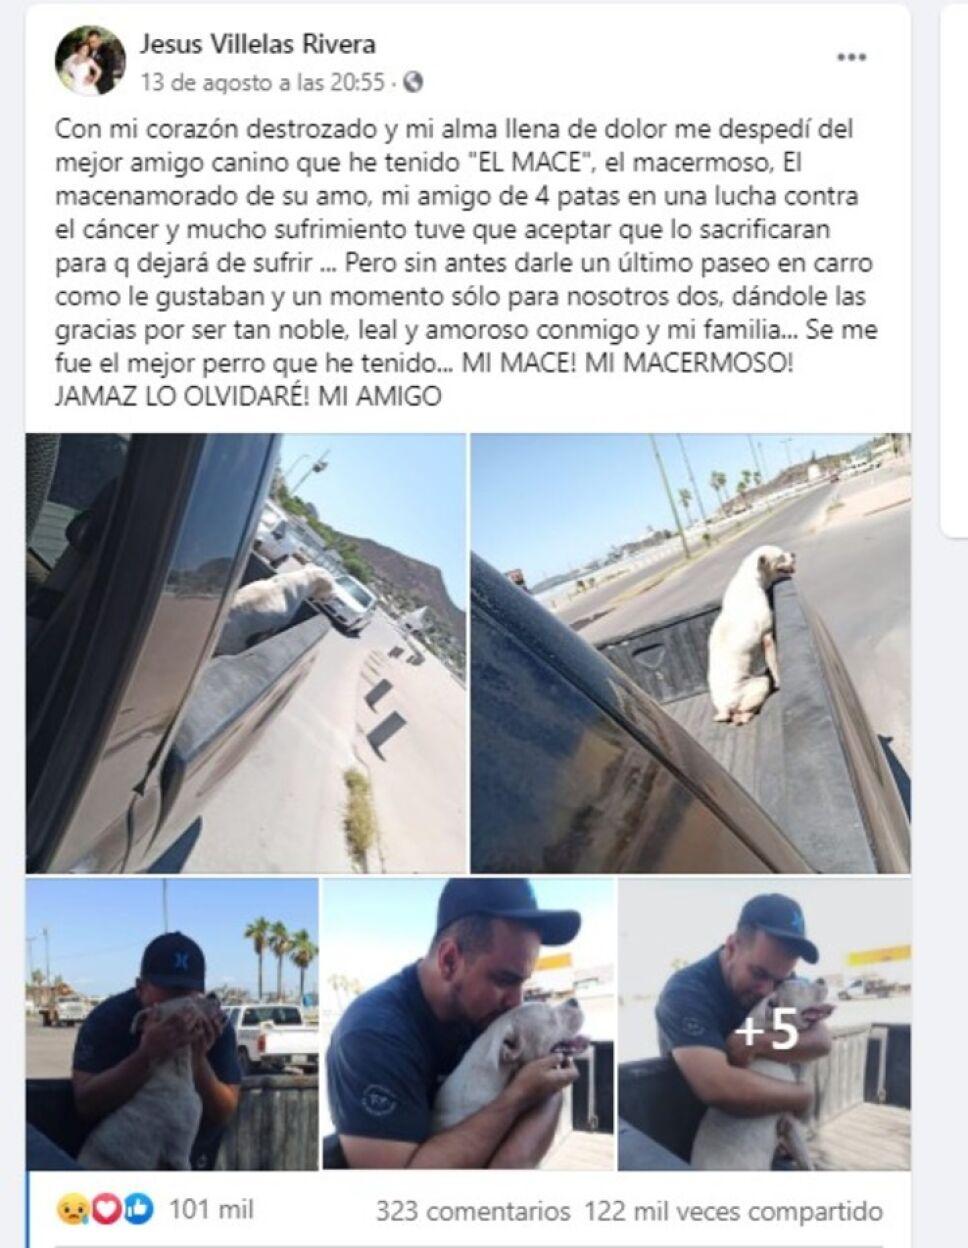 Jesús Villelas Rivera le dio un último paseo a su perrito antes de dormirlo pues tenía cáncer terminal.